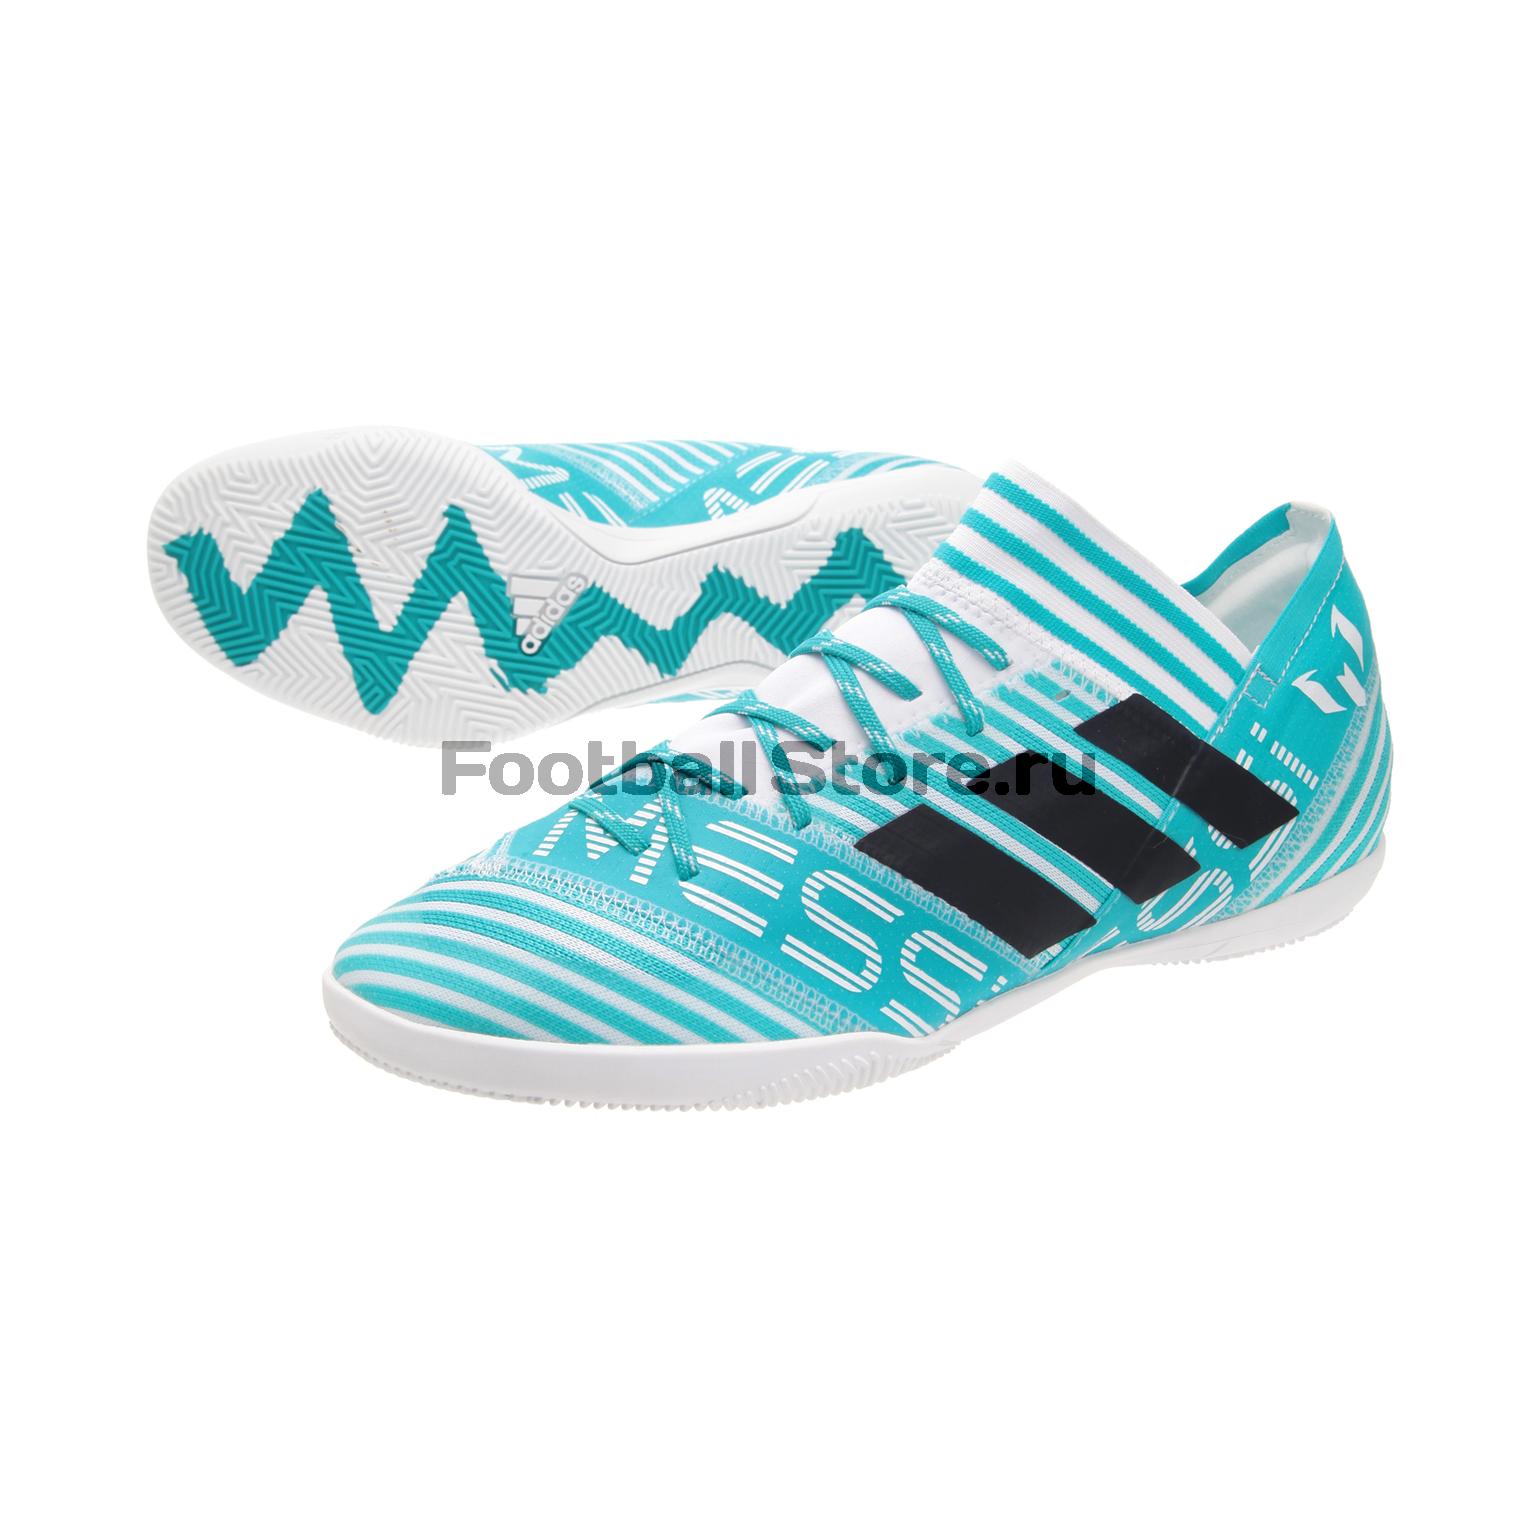 Обувь для зала Adidas Nemeziz Messi Tango 17.3 IN BY2416 обувь для зала adidas nemeziz tango 17 3 in jr cp9182